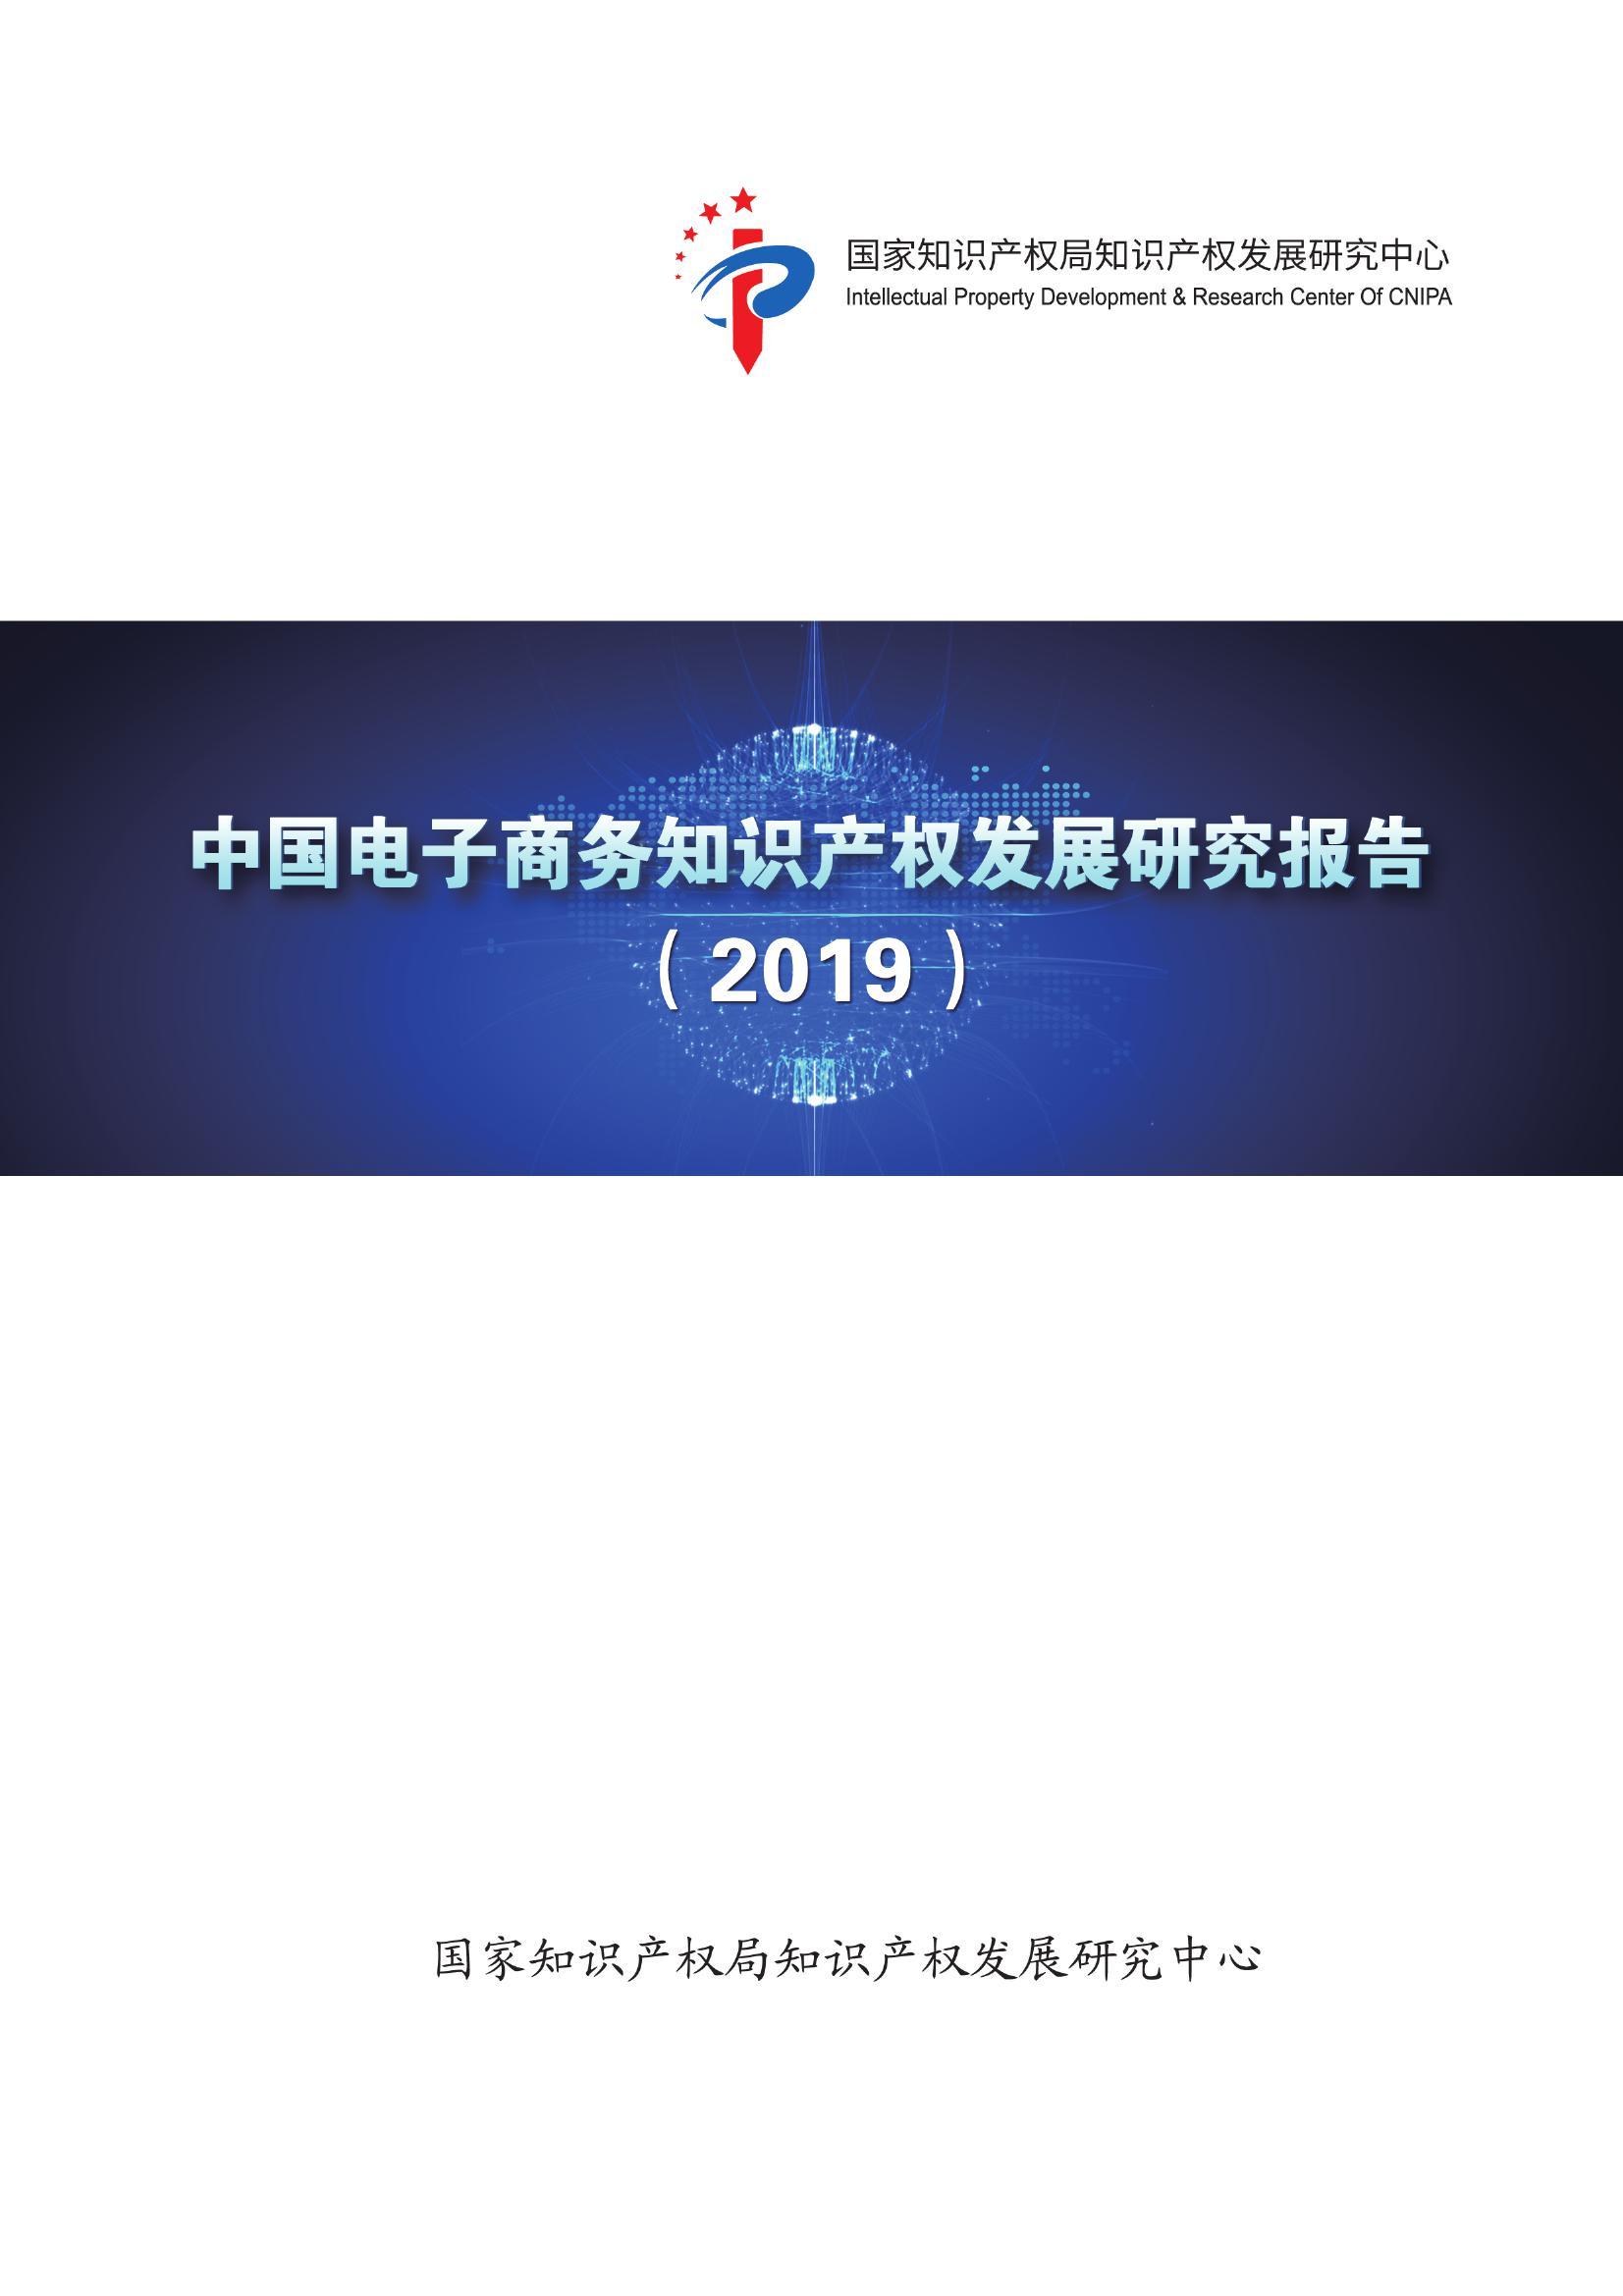 国家知识产权局:2019中国电子商务知识产权发展研究(附下载)